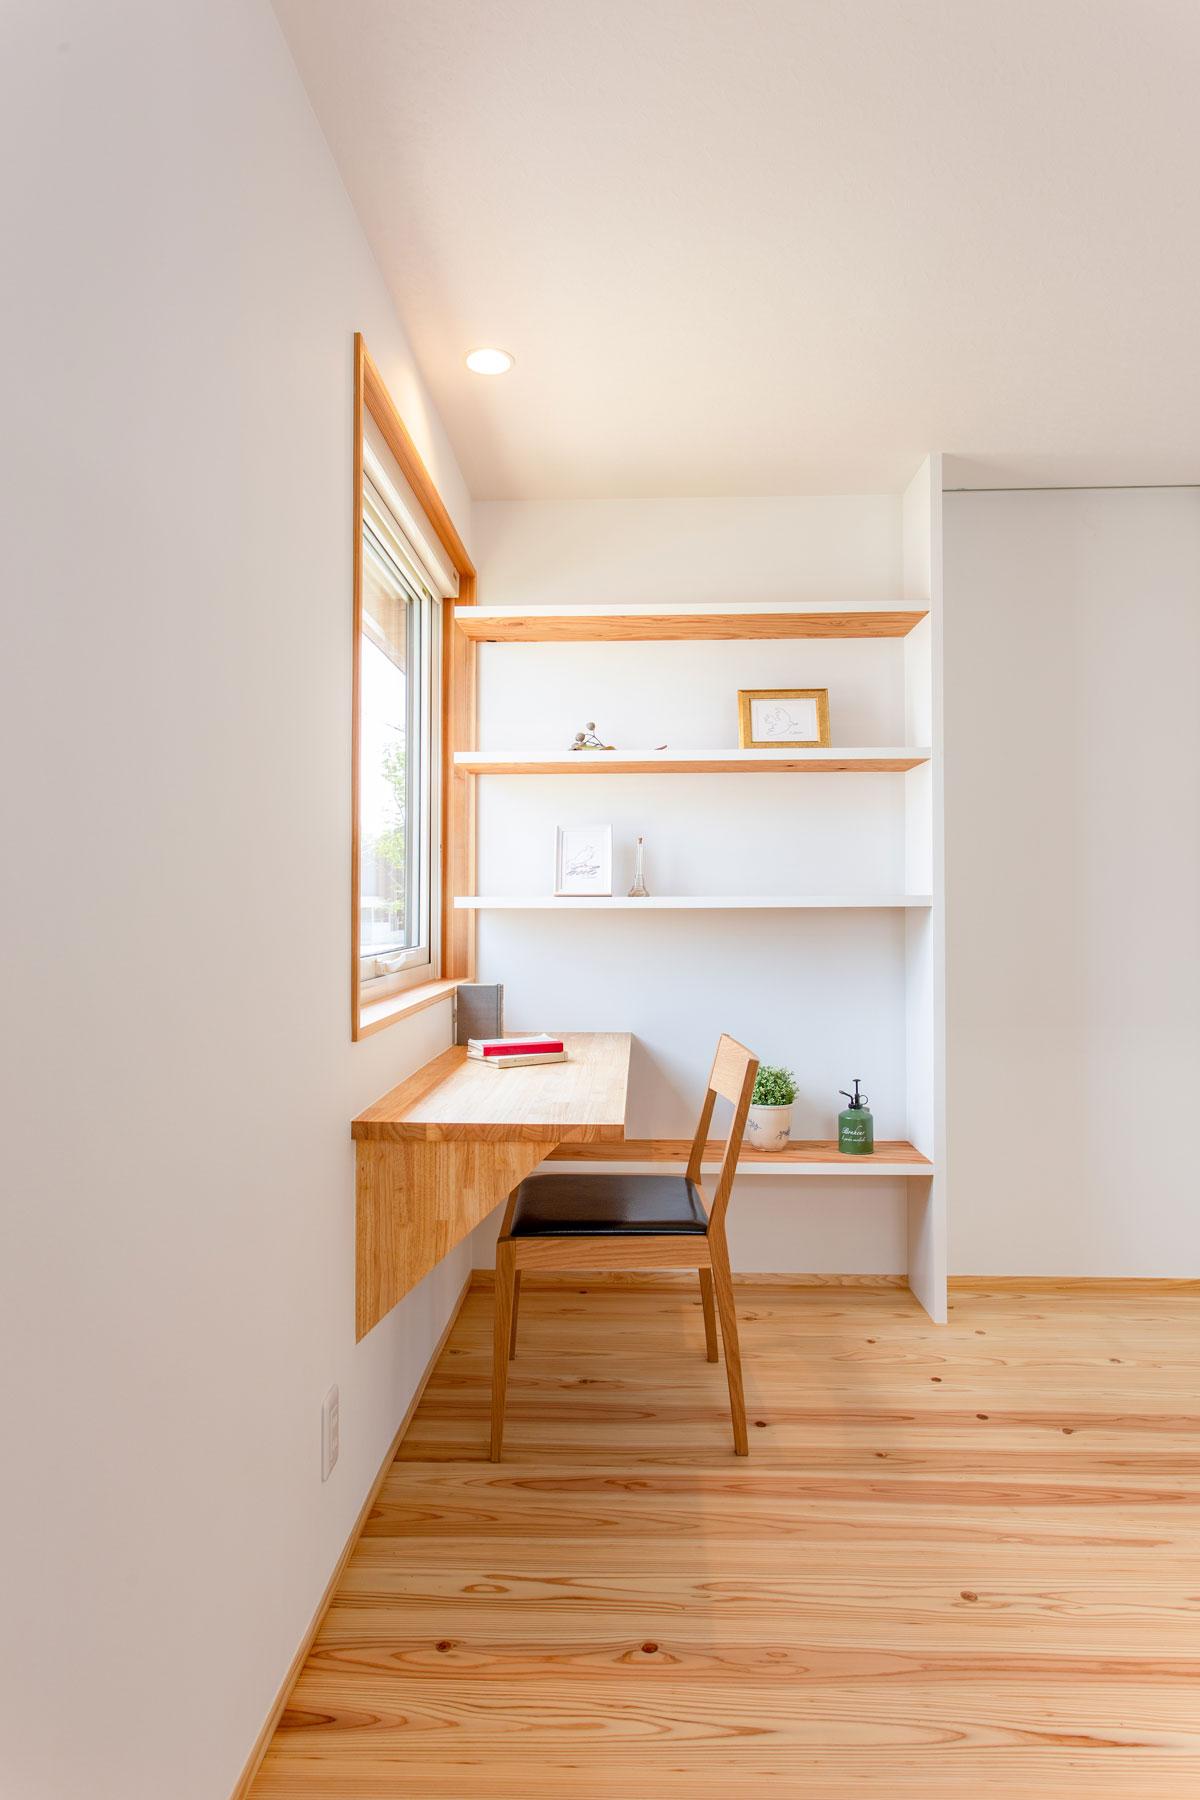 リモートワークや読書の書斎スペース